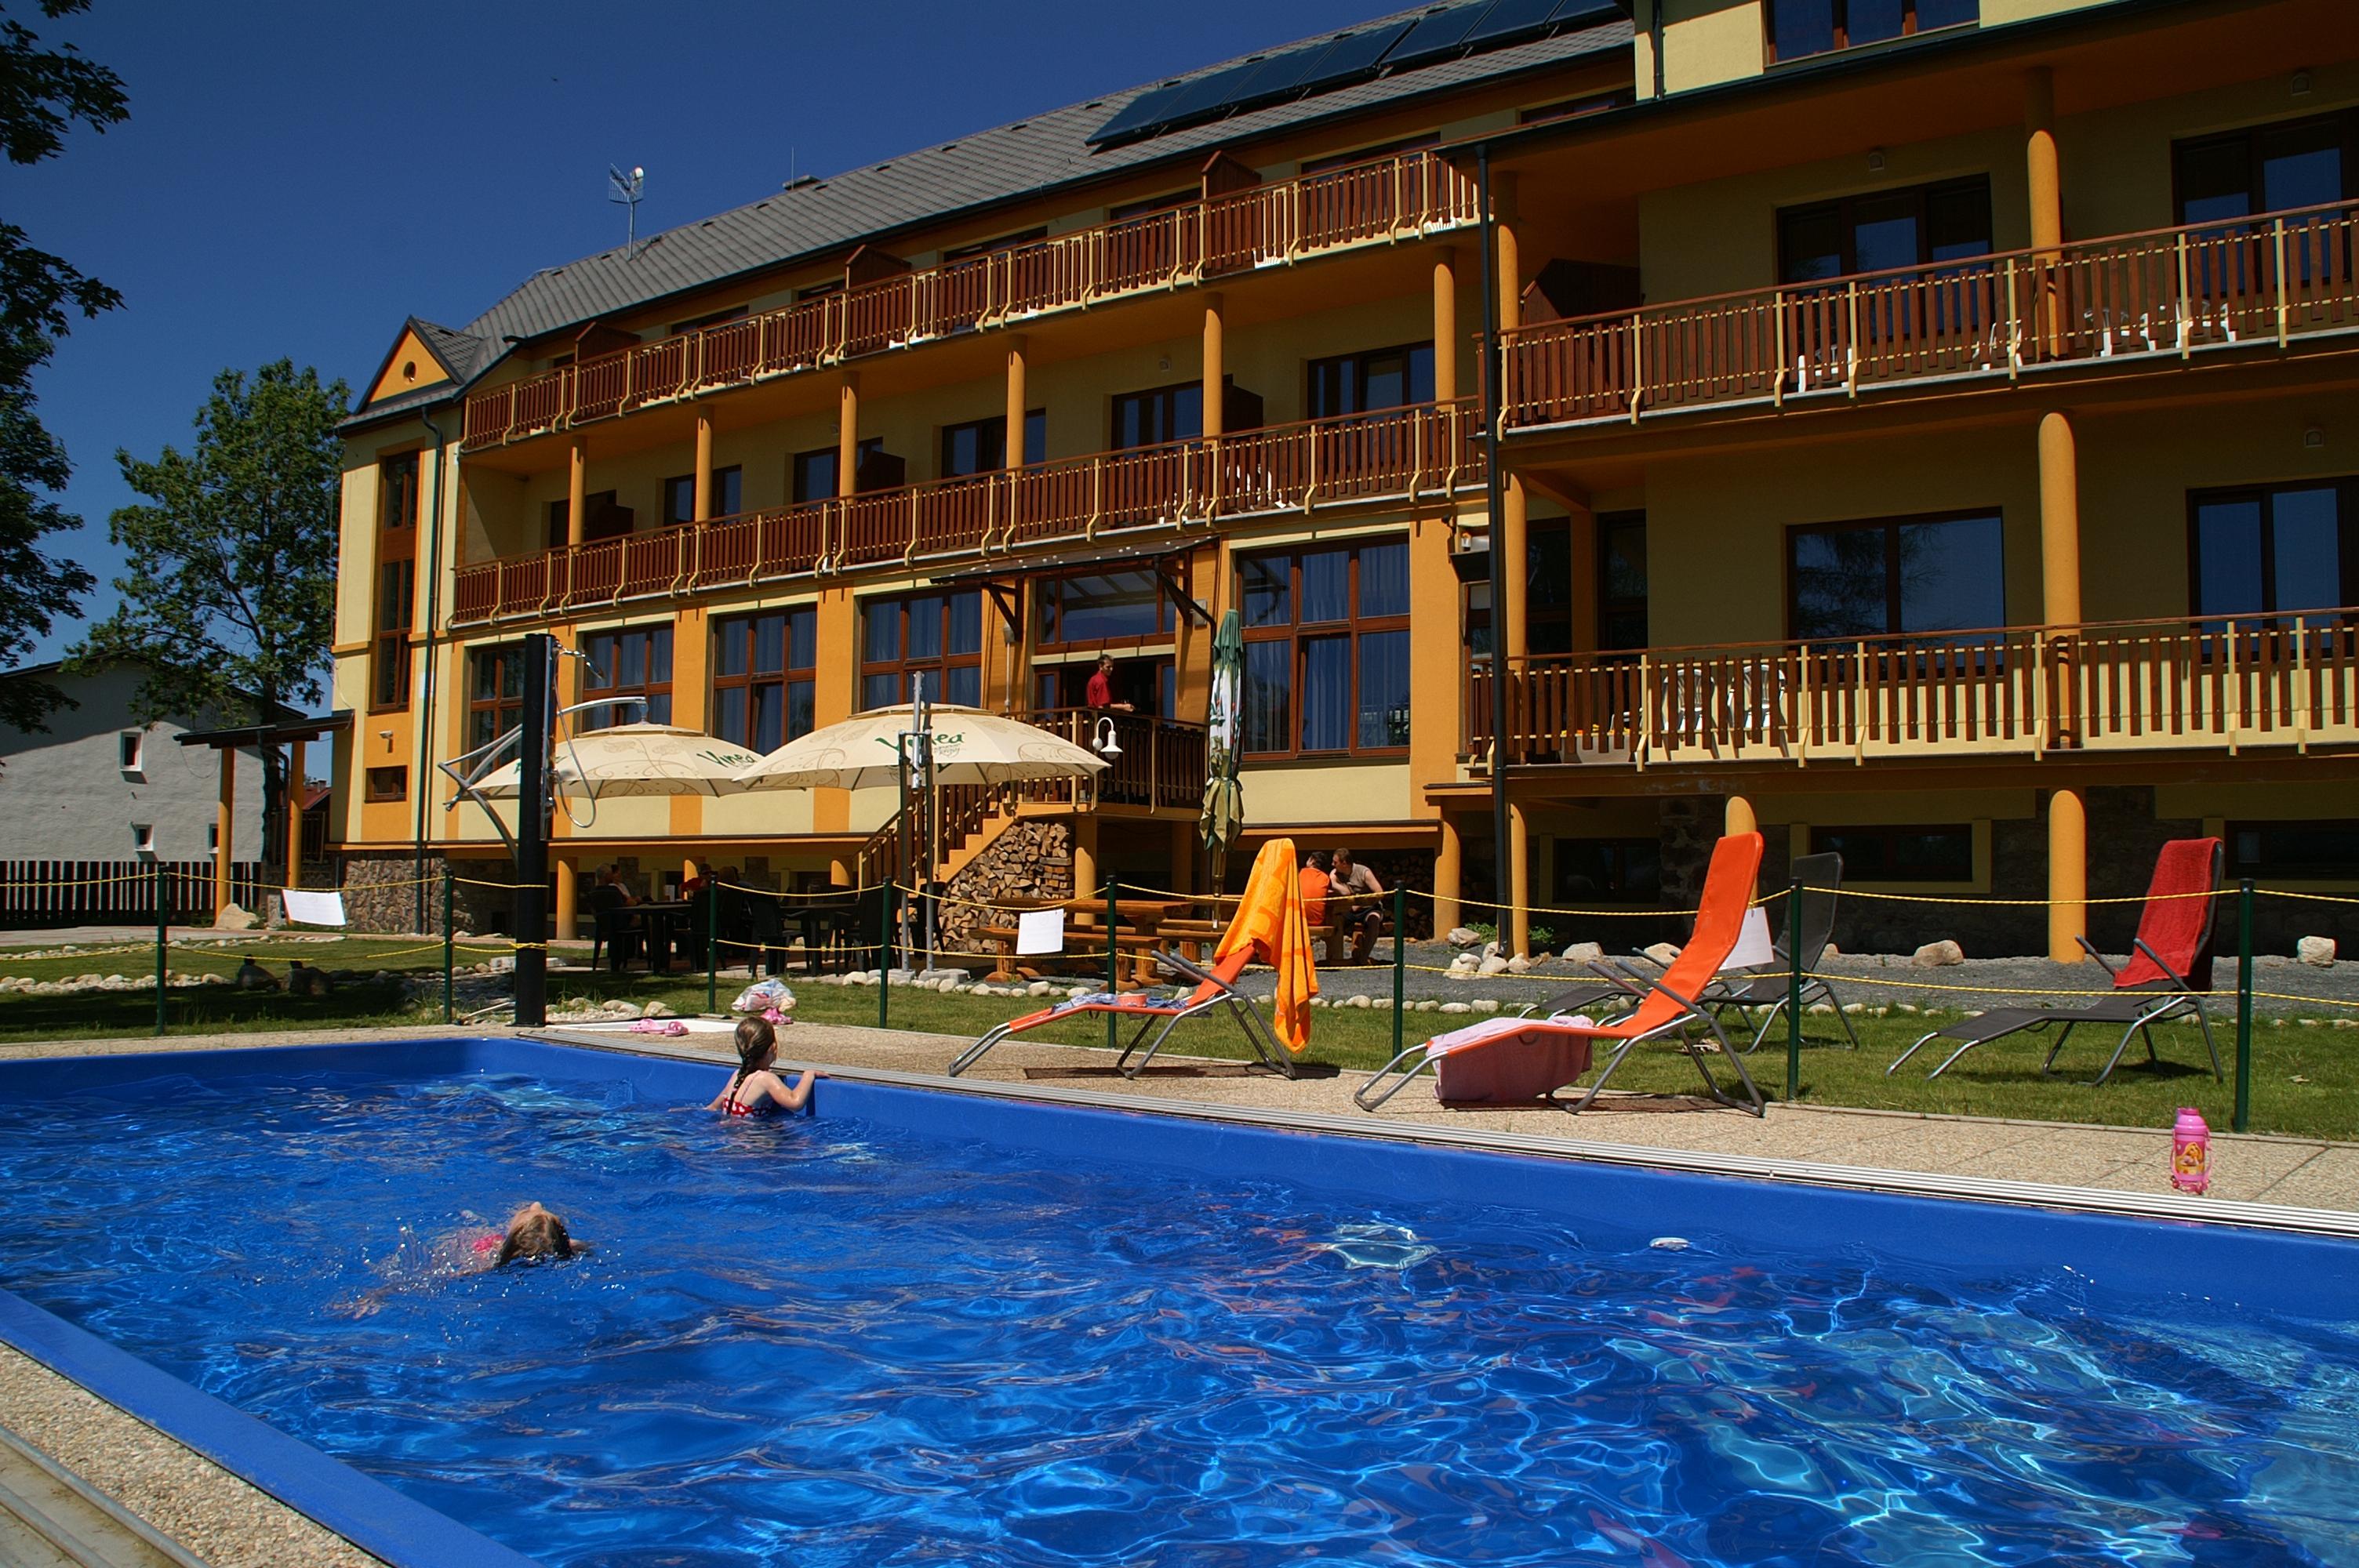 chaty ubytovanie vychodne slovensko Ubytování na chatě, chalupě nebo apartmánu k pronájmu na slovensku ubytování slovensko ubytování slovensko, chaty a chalupy k pronajmut.